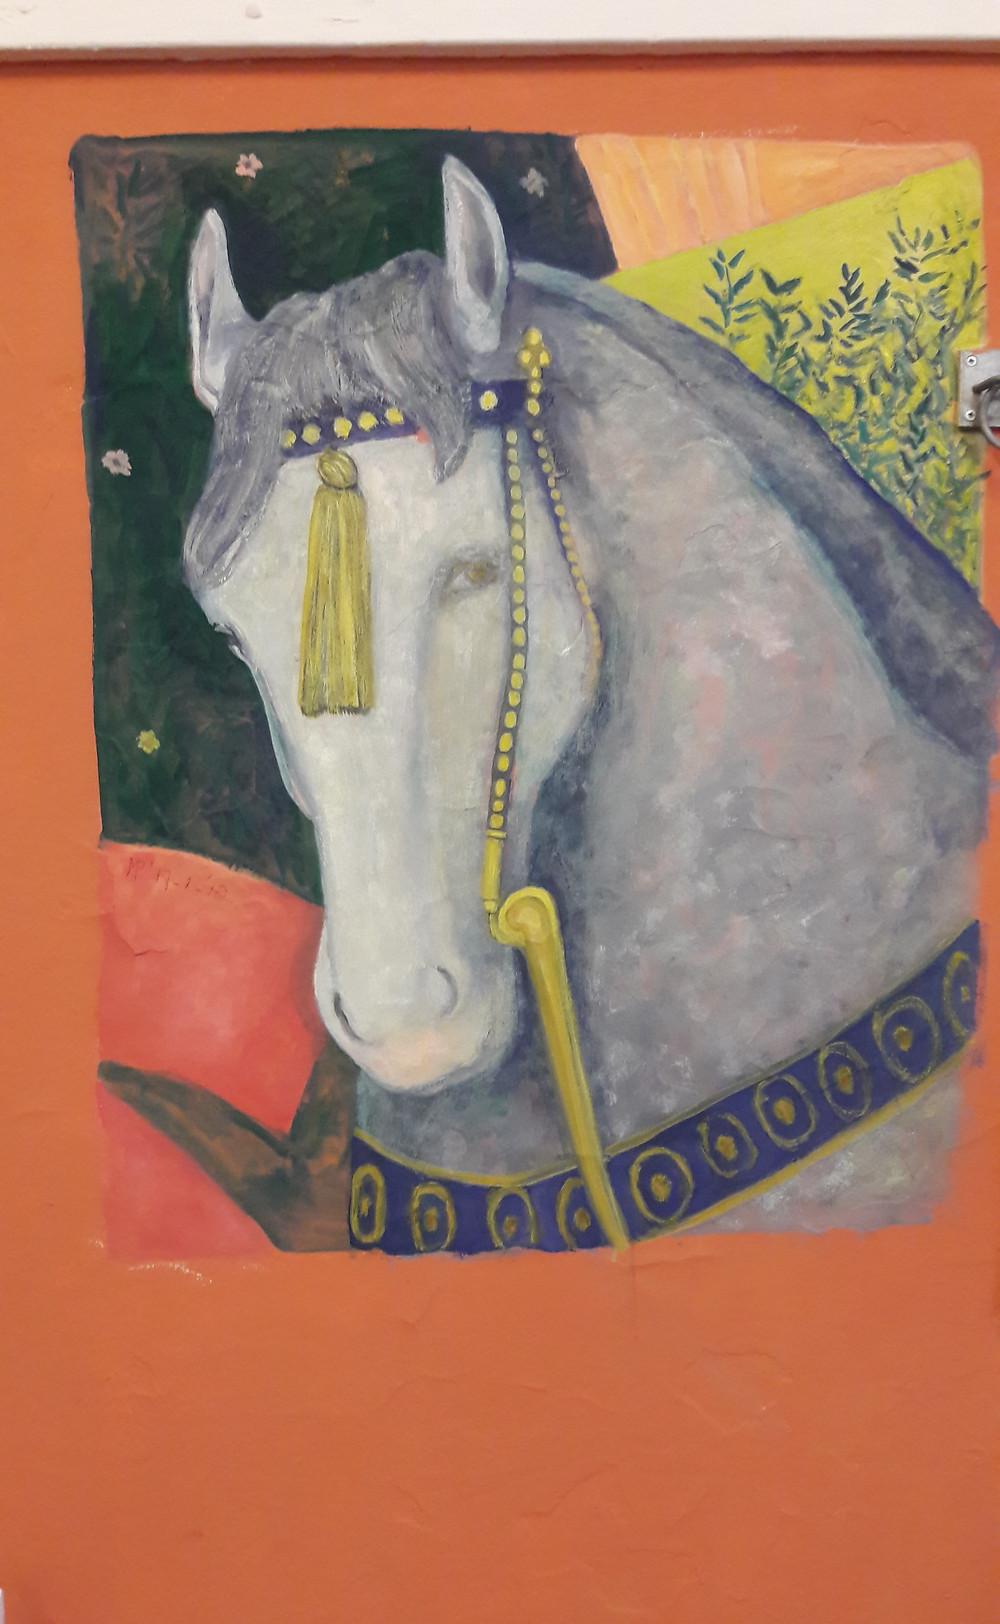 Eindelijk een eigen paard! Een muurschildering in mijn atelier, gemaakt met gouache, n.a.v. een detail van een fresco van Andrea Mantegna, 1431, La chambre des epoux